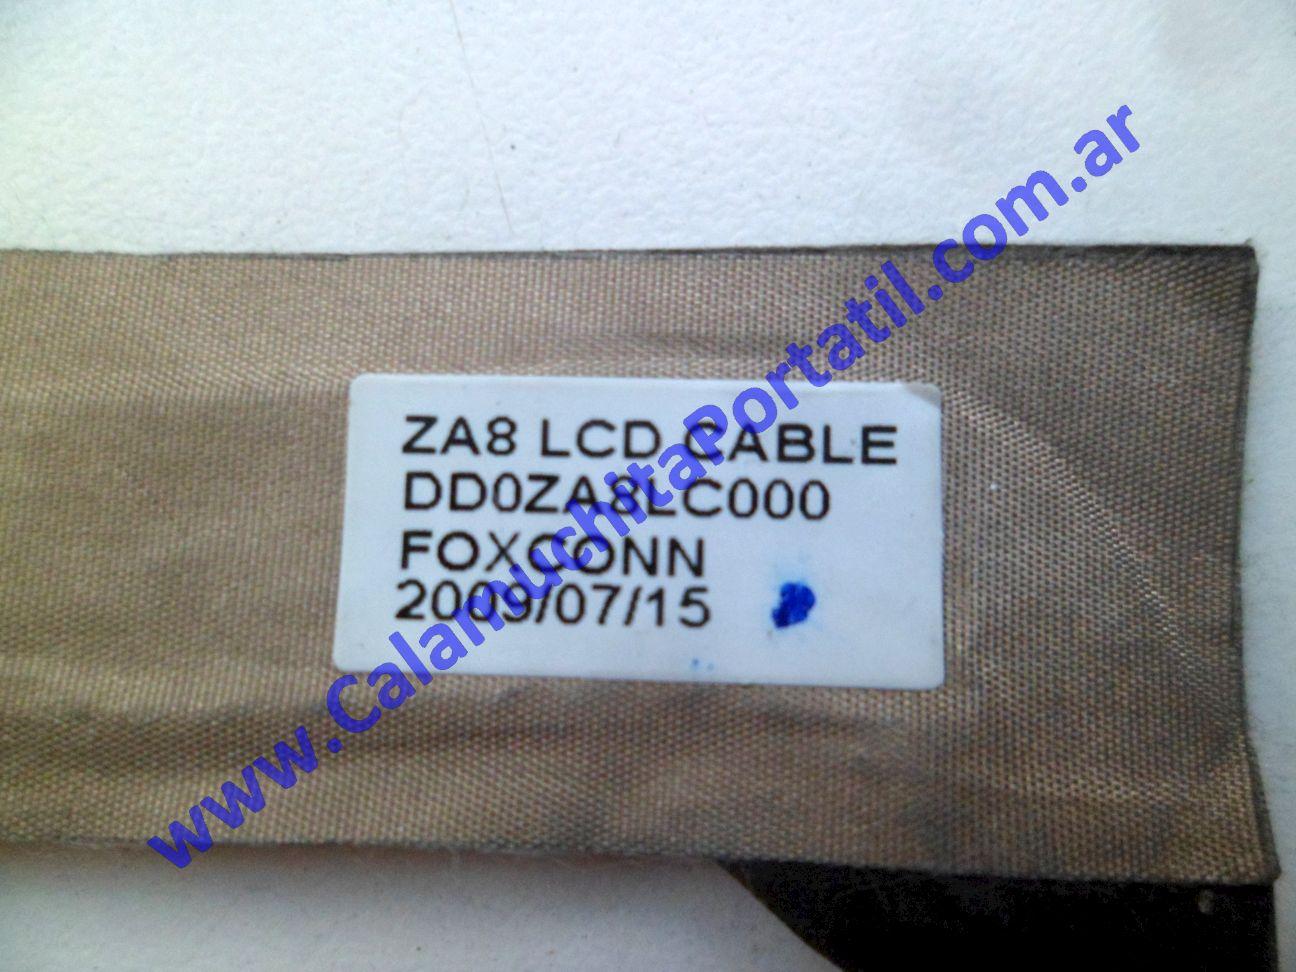 0011FVI Flex Video Packard Bell Dot-M-A / ZA8